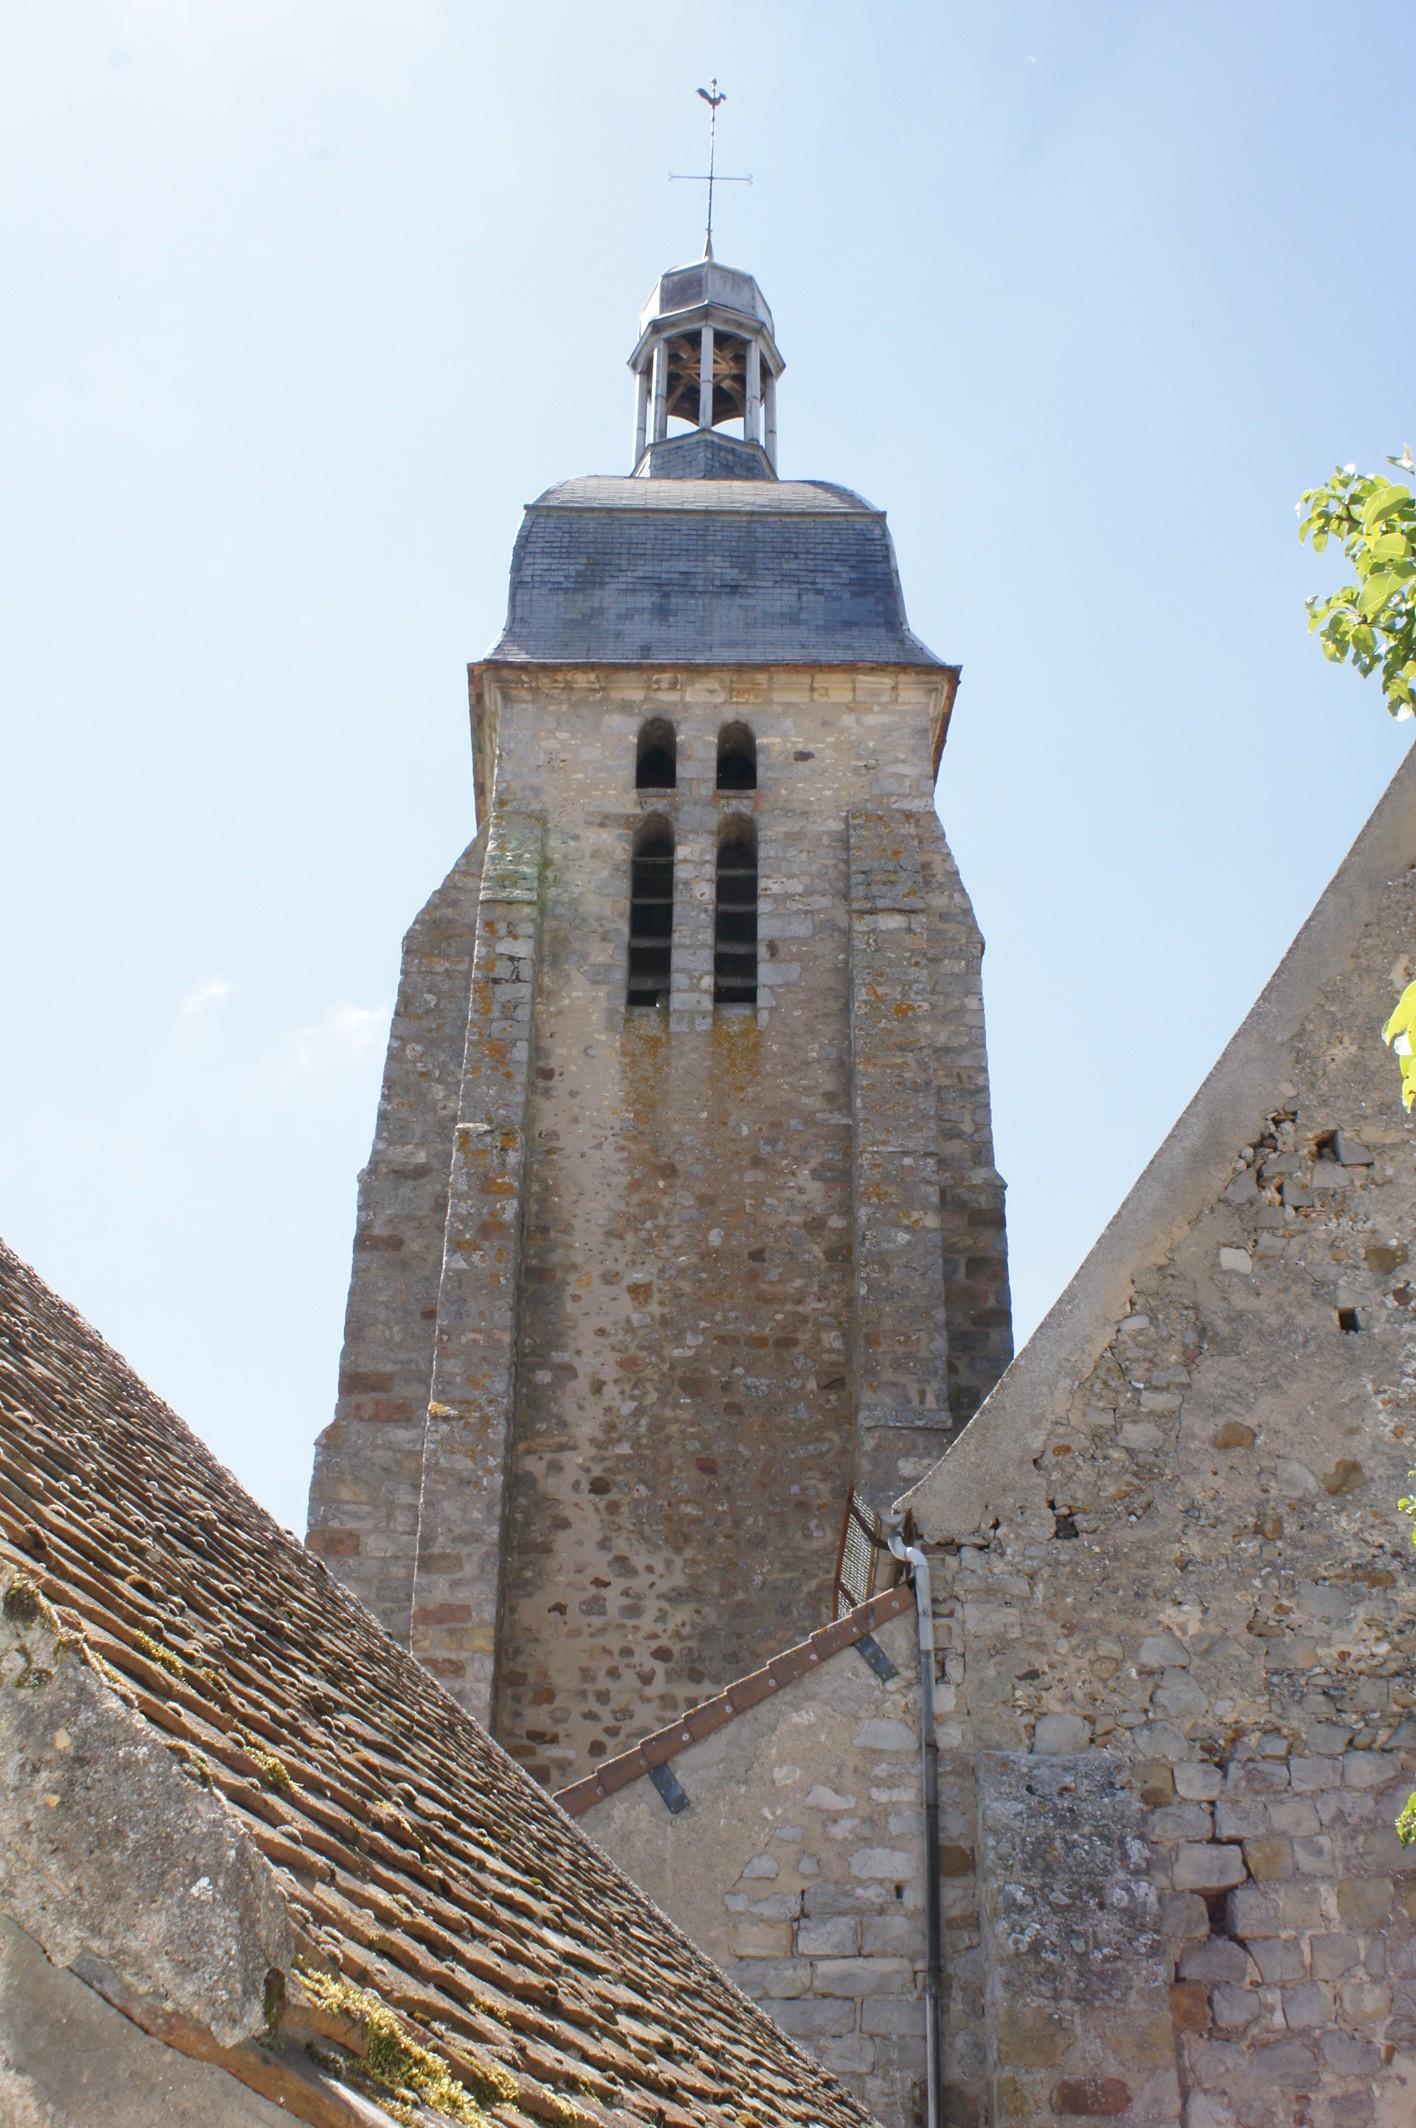 Vinneuf (89) Eglise Saint-Georges - Sauvegarde de l'Art français